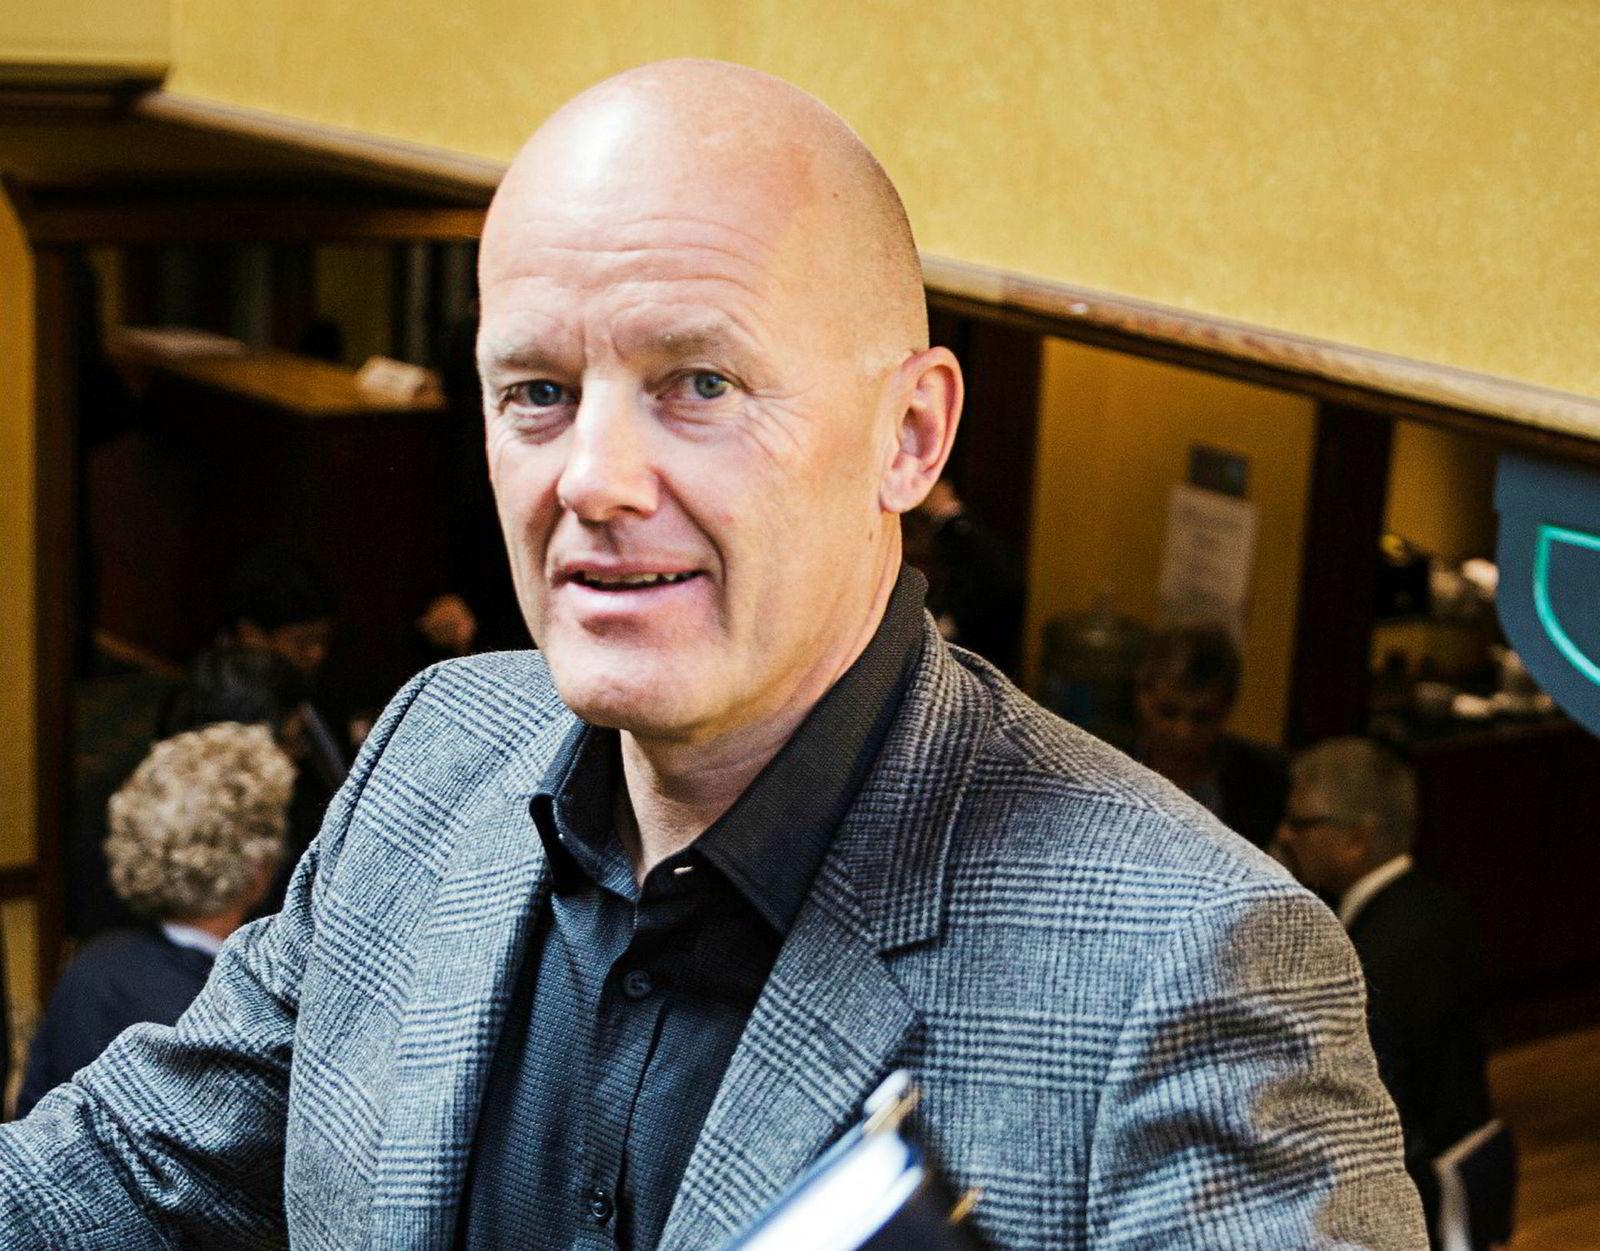 Gunnar Hvammen vil få 0,5 prosent eierandel i det nye selskapet.